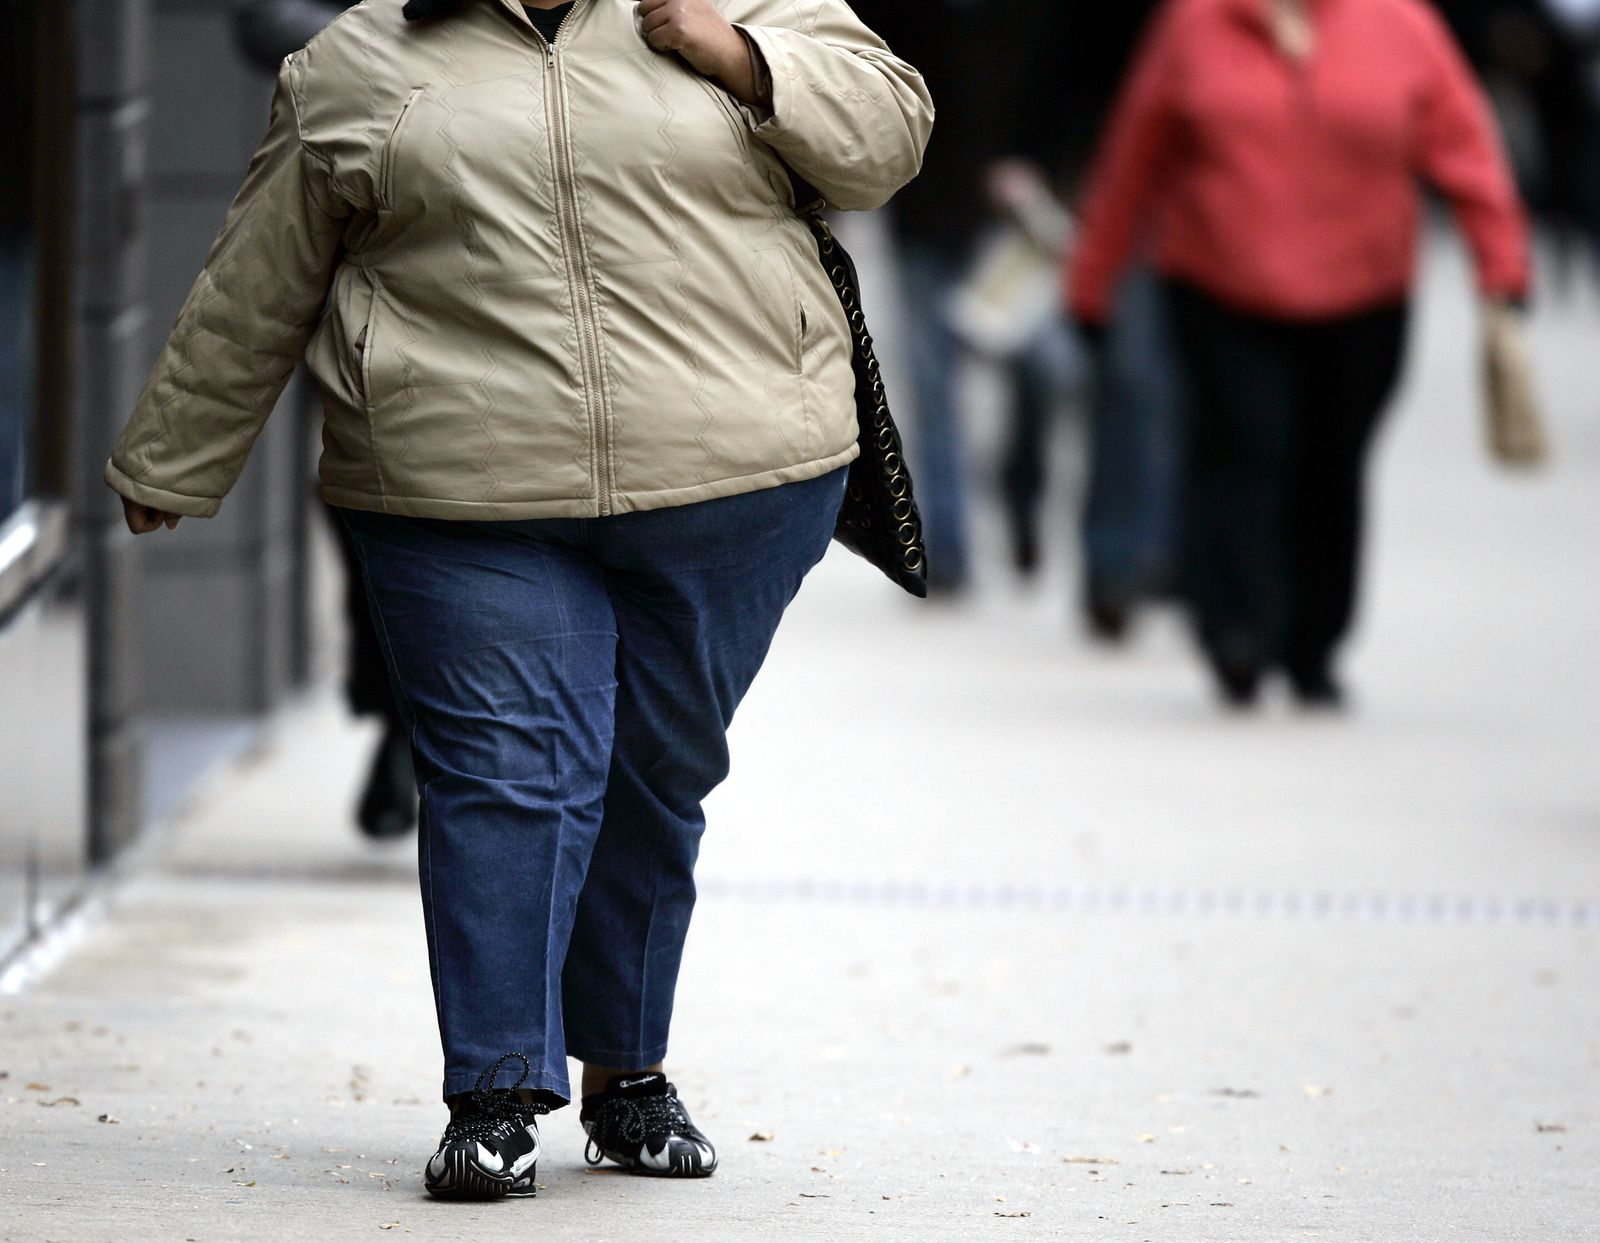 Fettleibigkeit / Übergewicht / Dick